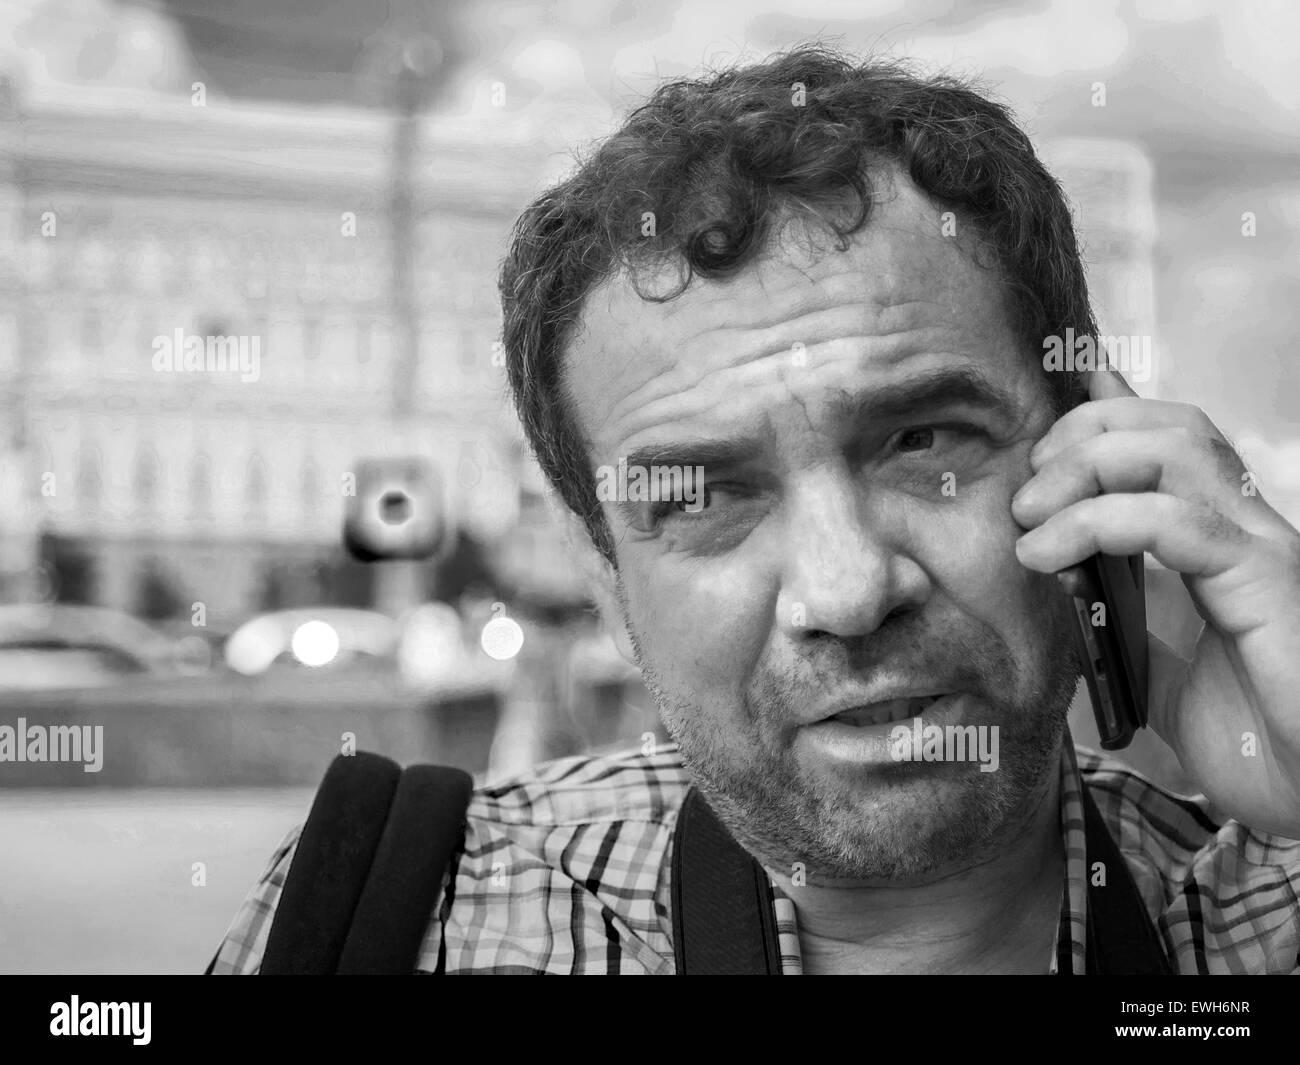 Junio 14, 2015 - Hombre en camisa de manga corta hablando por teléfono en la calle. (Crédito de la Imagen: Imagen De Stock